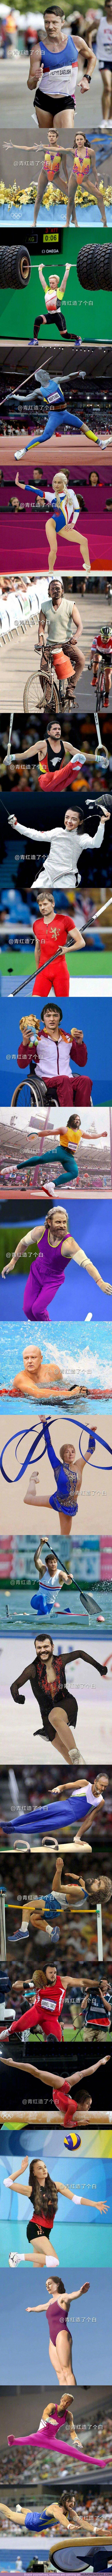 37429 - Así serían las Olimpiadas protagonizadas por los actores de Juego de Tronos. Imposible no morir de risa